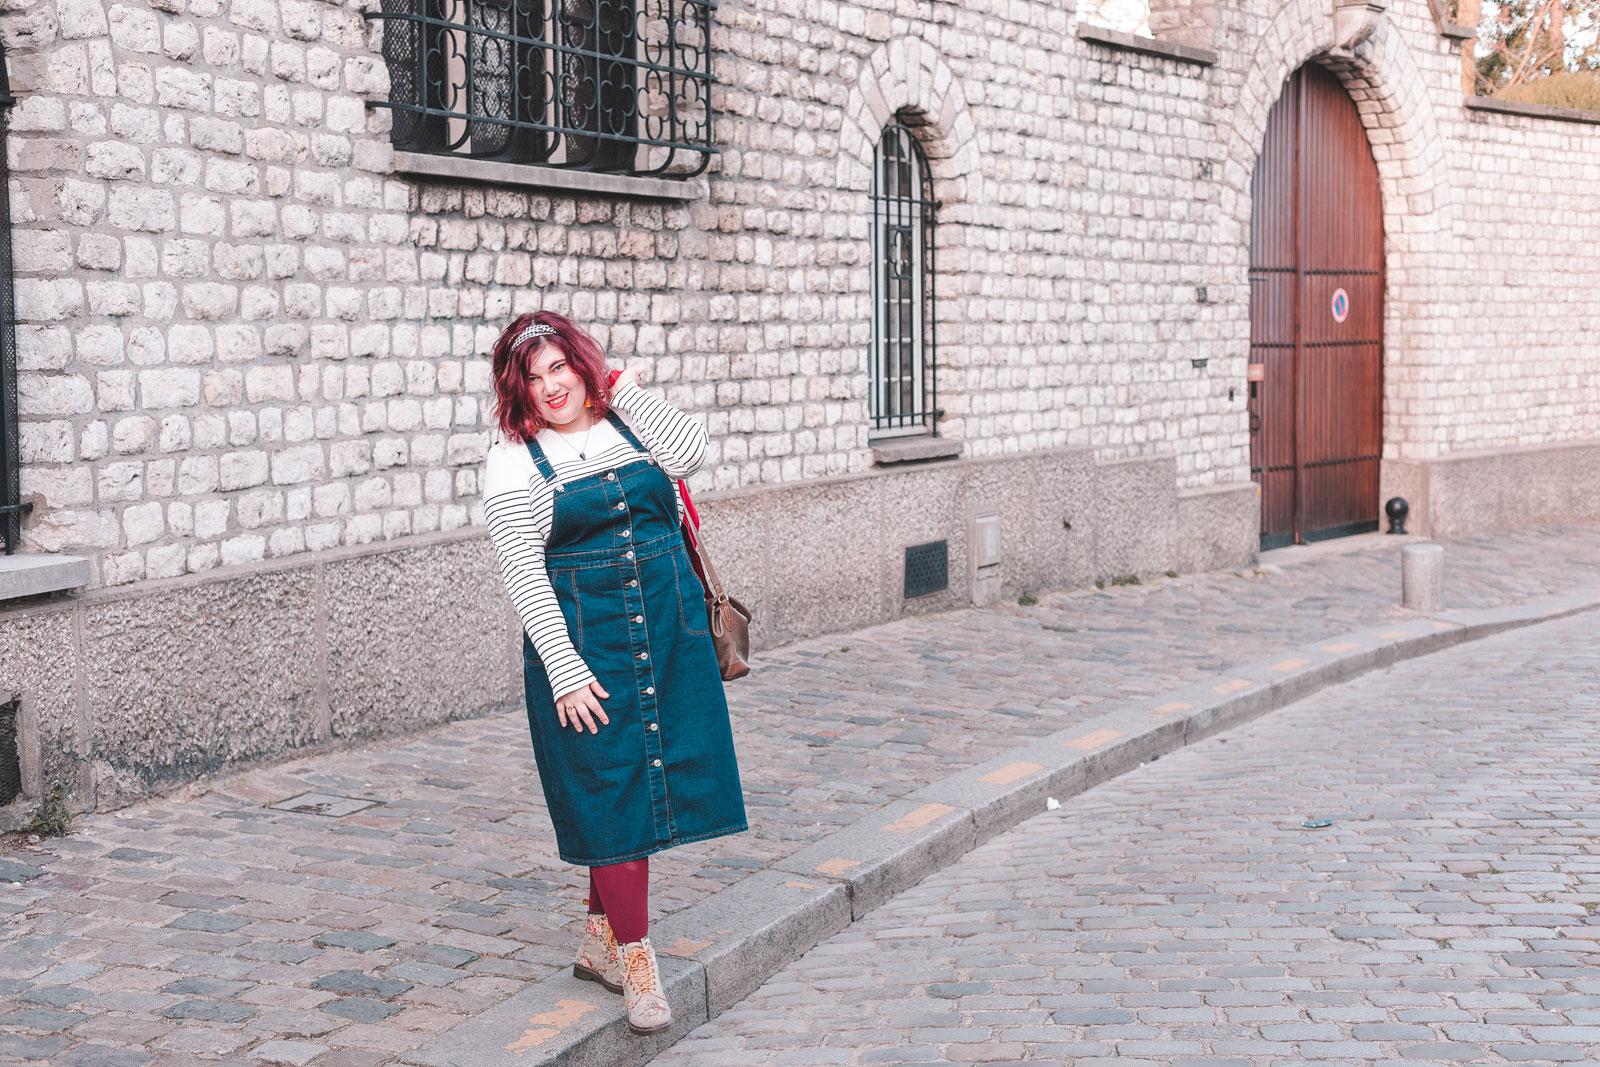 Ninaah Bulles, grande taille, blog, mode, beauté, plus size, shein, salopette, robe, veste, paris, marinière